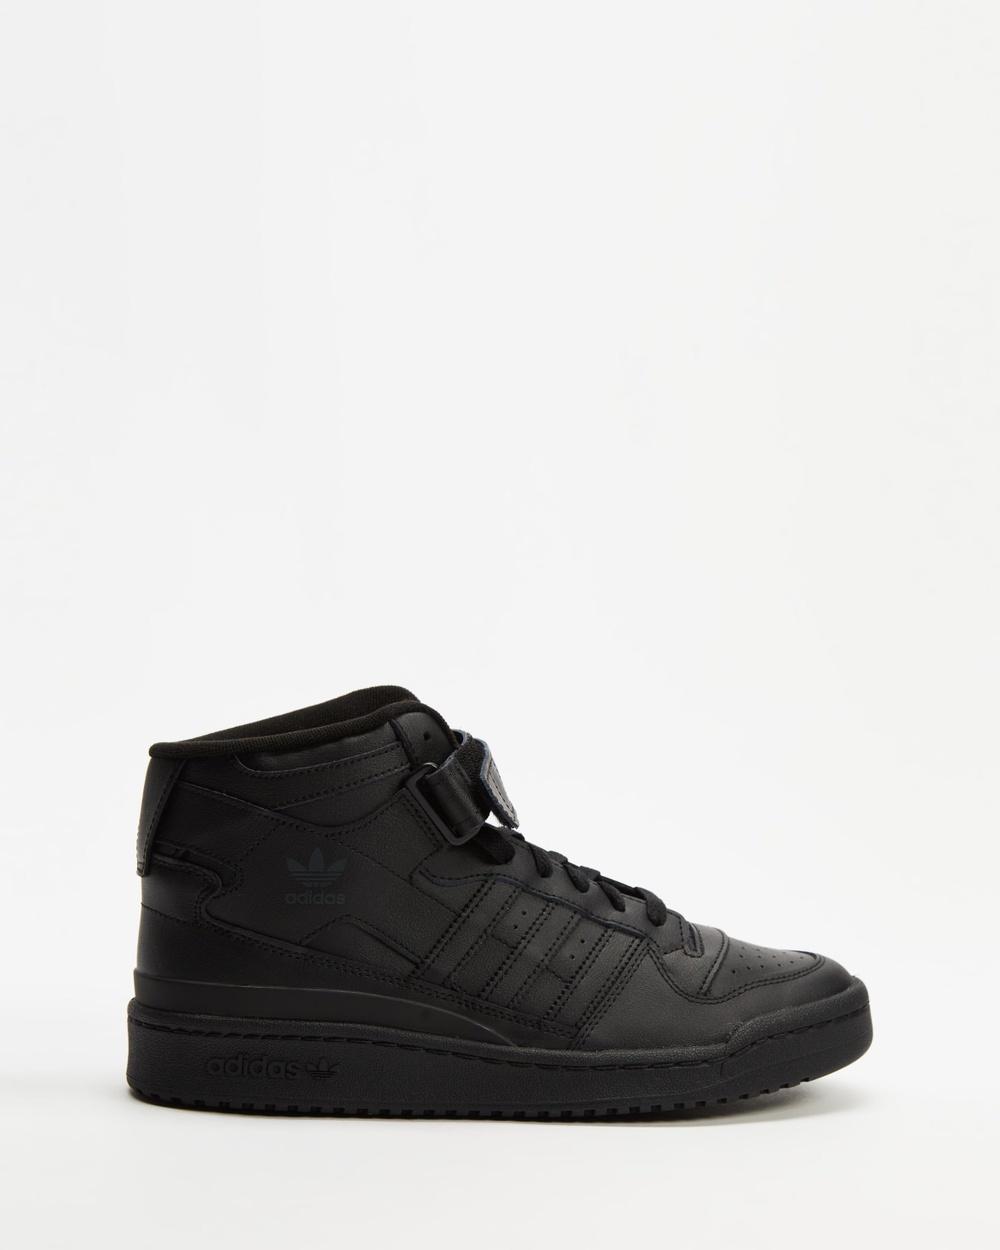 adidas Originals Forum Mid Unisex Lifestyle Sneakers Core Black, Core Black & Black